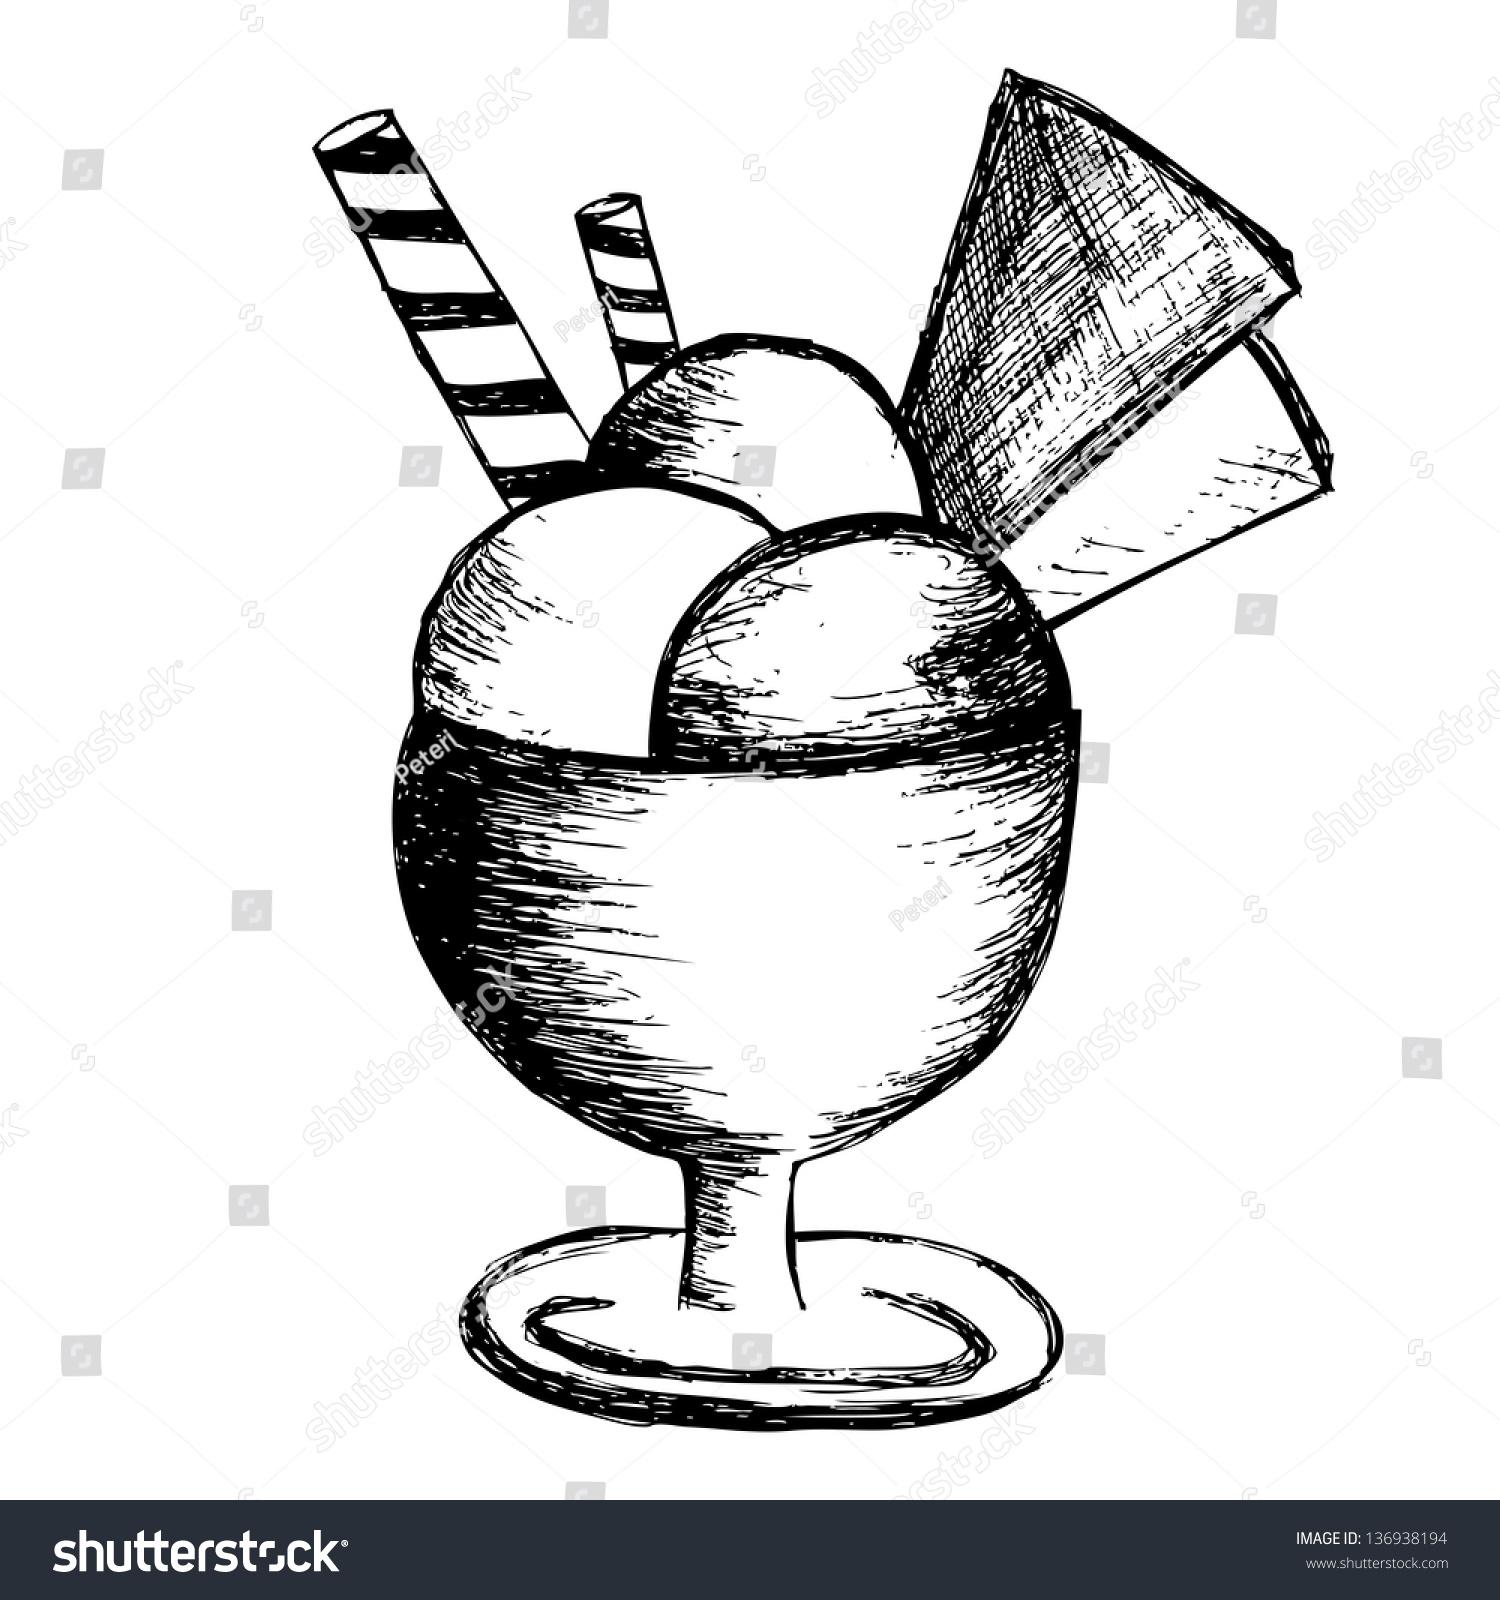 ice cream sundae isolated on white stock illustration